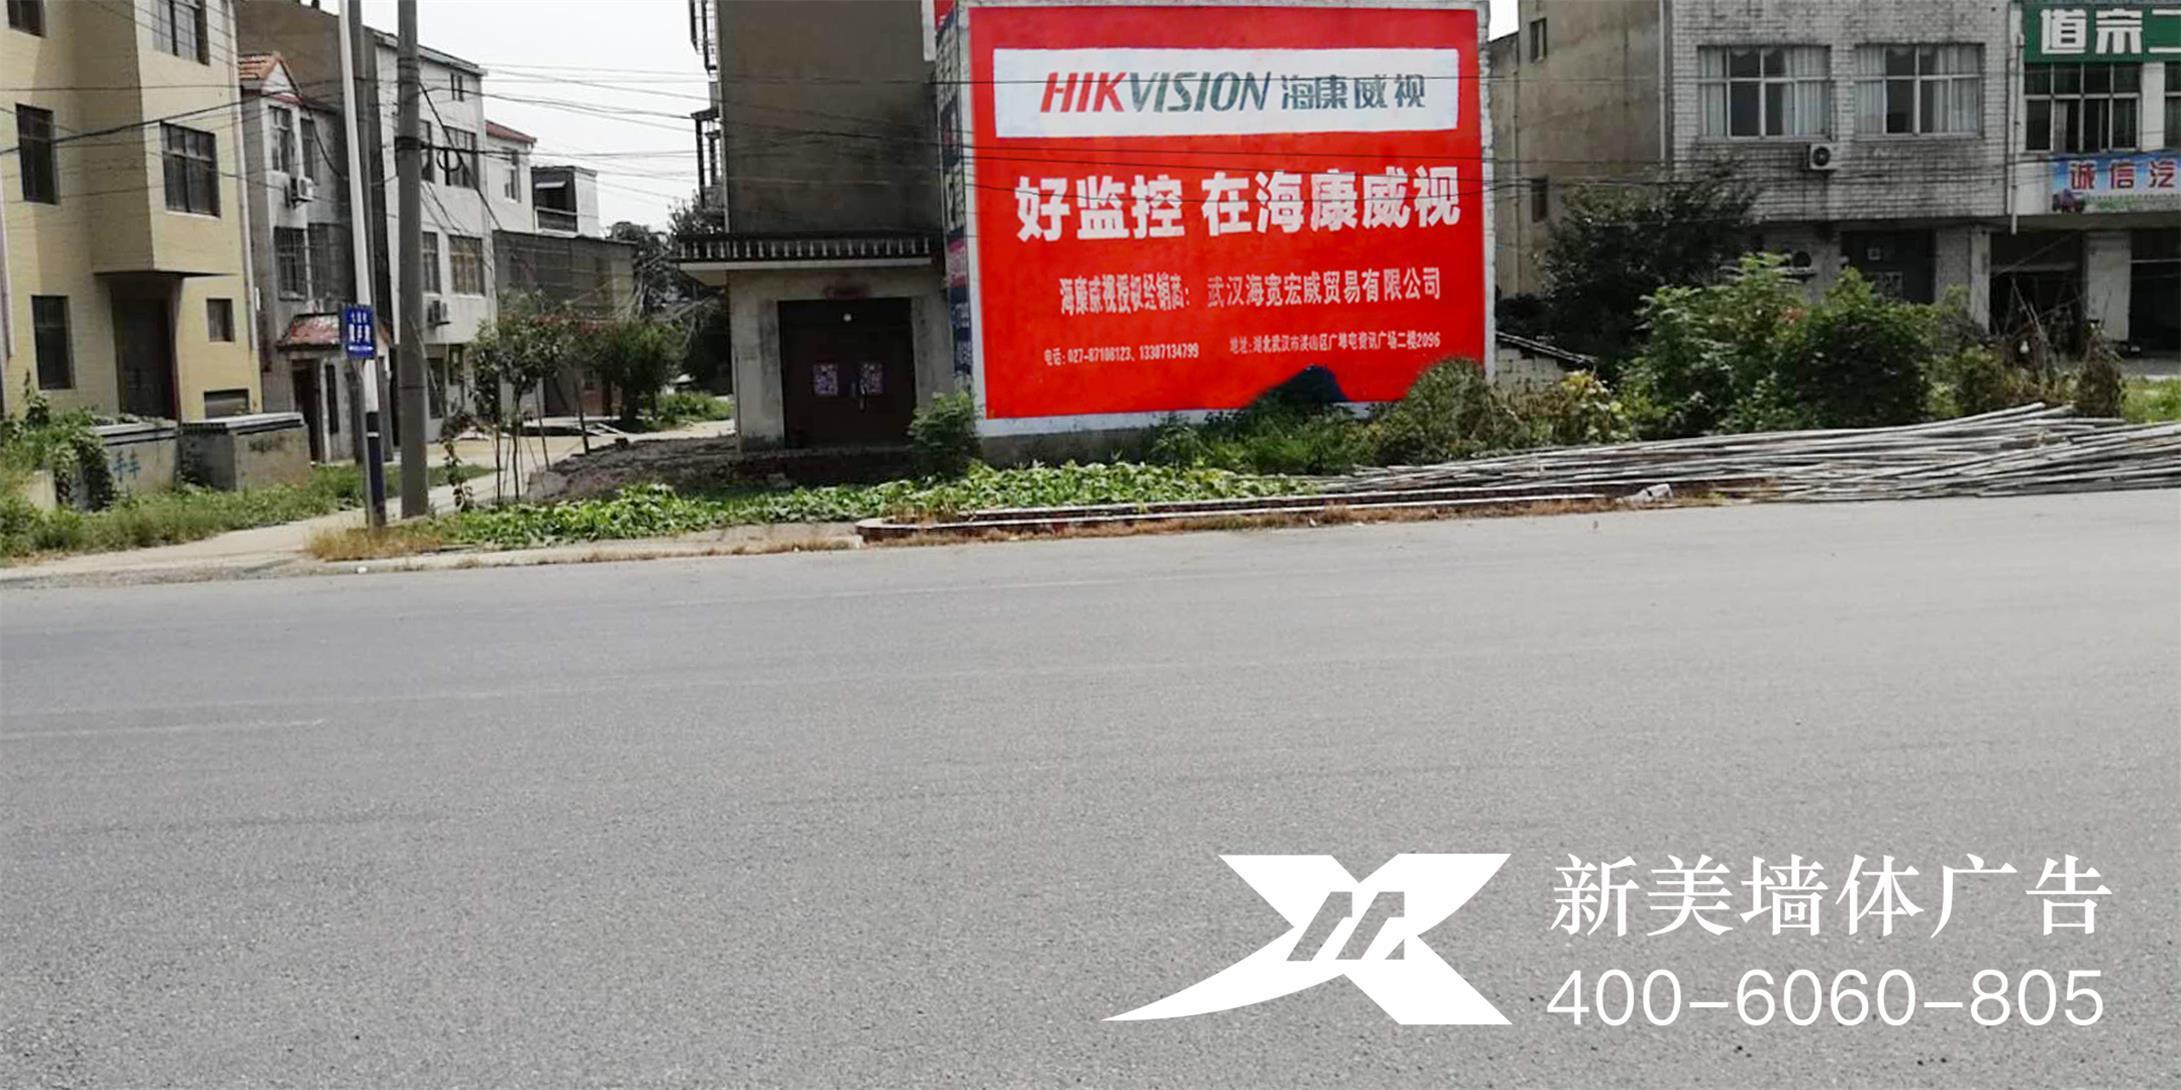 绍兴墙体广告墙体刷漆广告抓住商机助力企业发展